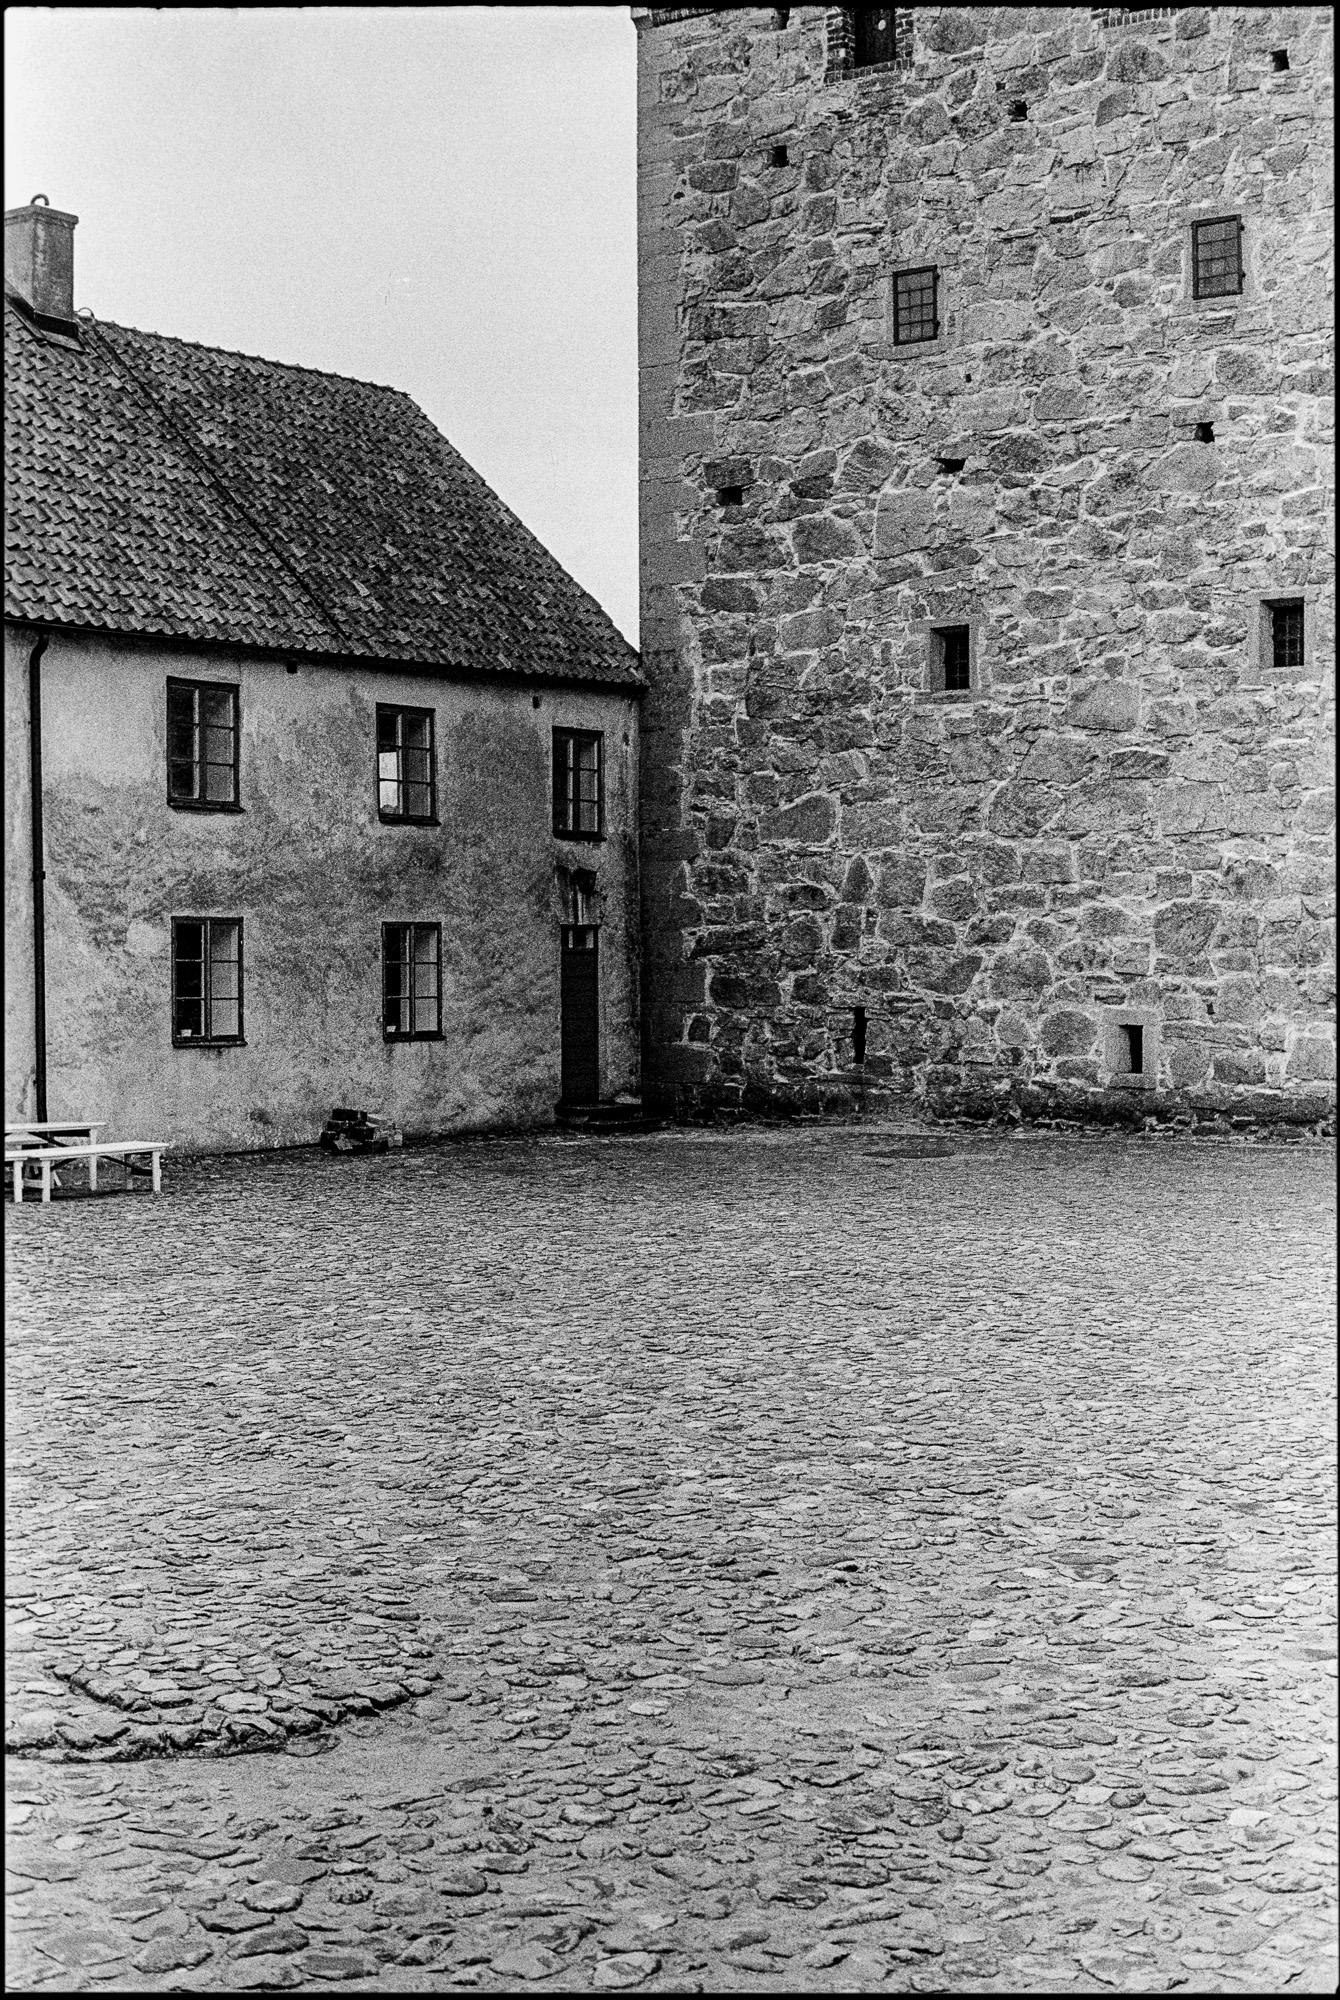 160206 Billinge Hus 1984 Film 91, Konica T4 TriX 400@200